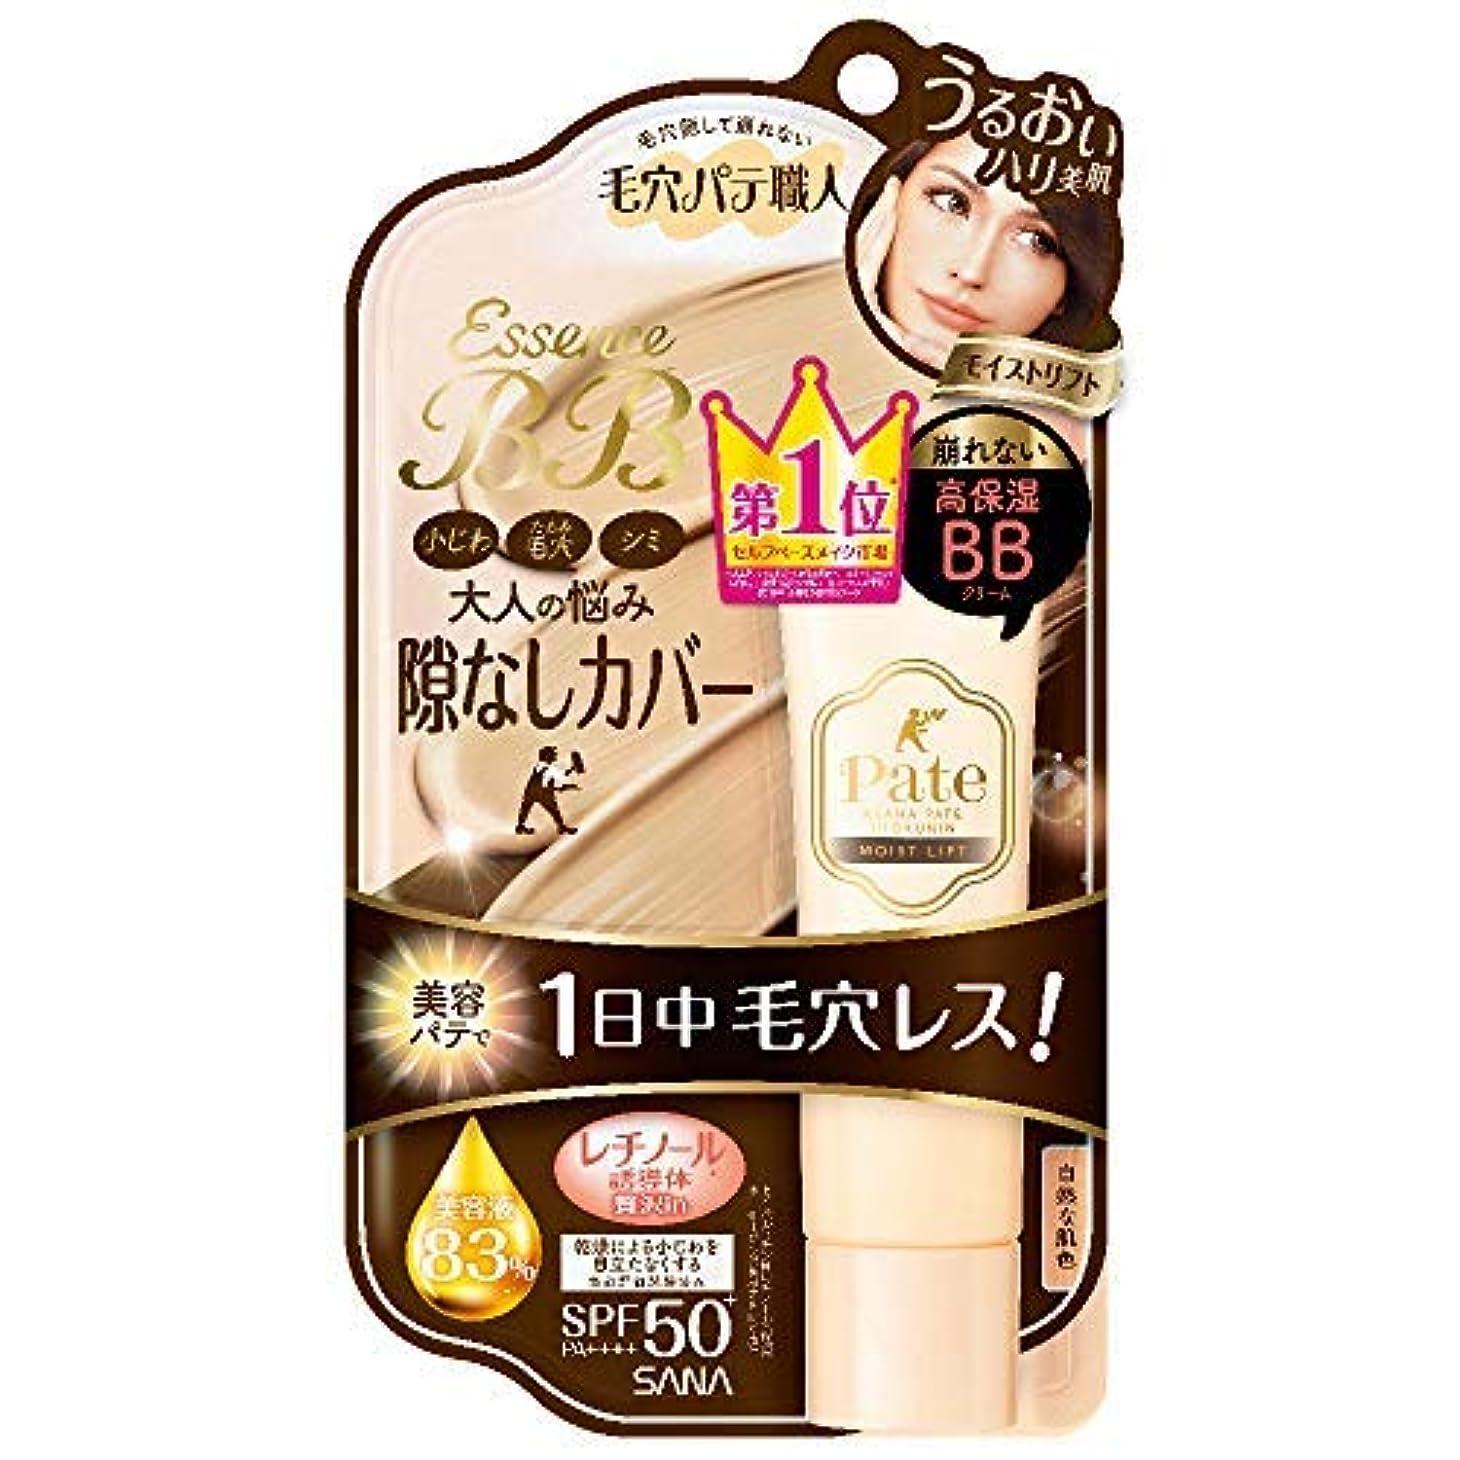 パイ環境に優しい味付けサナ 毛穴パテ職人 エッセンスBBクリーム ML × 6個セット